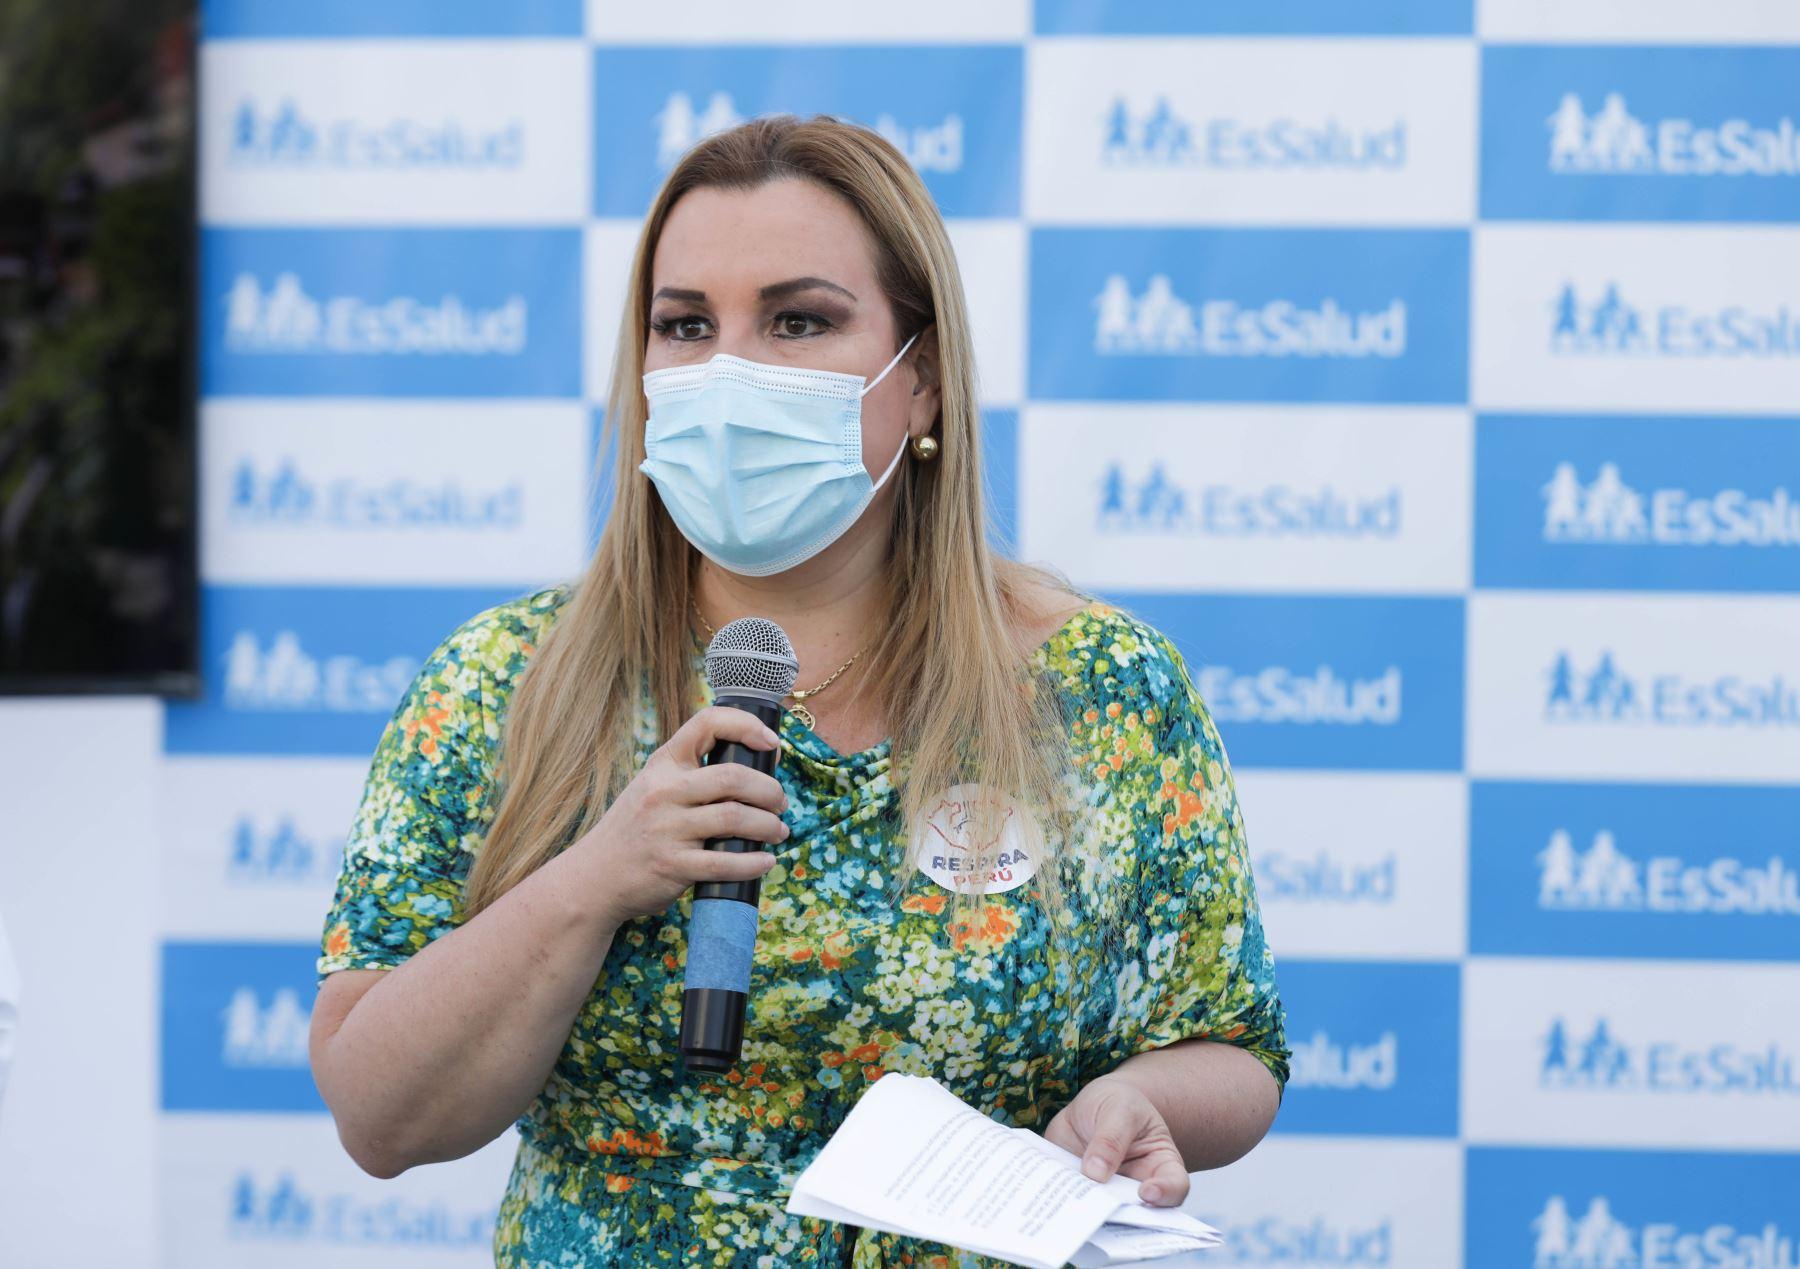 La presidenta de Essalud Fiorella Molinell, recibió una donación de 680 respiradores mecánicos personales, para reforzar el trabajo que siguen realizando los médicos y todo el personal sanitario de los hospitales de dicha institución en esta segunda ola de contagios de covid-19. Foto: ANDINA/ Essalud.